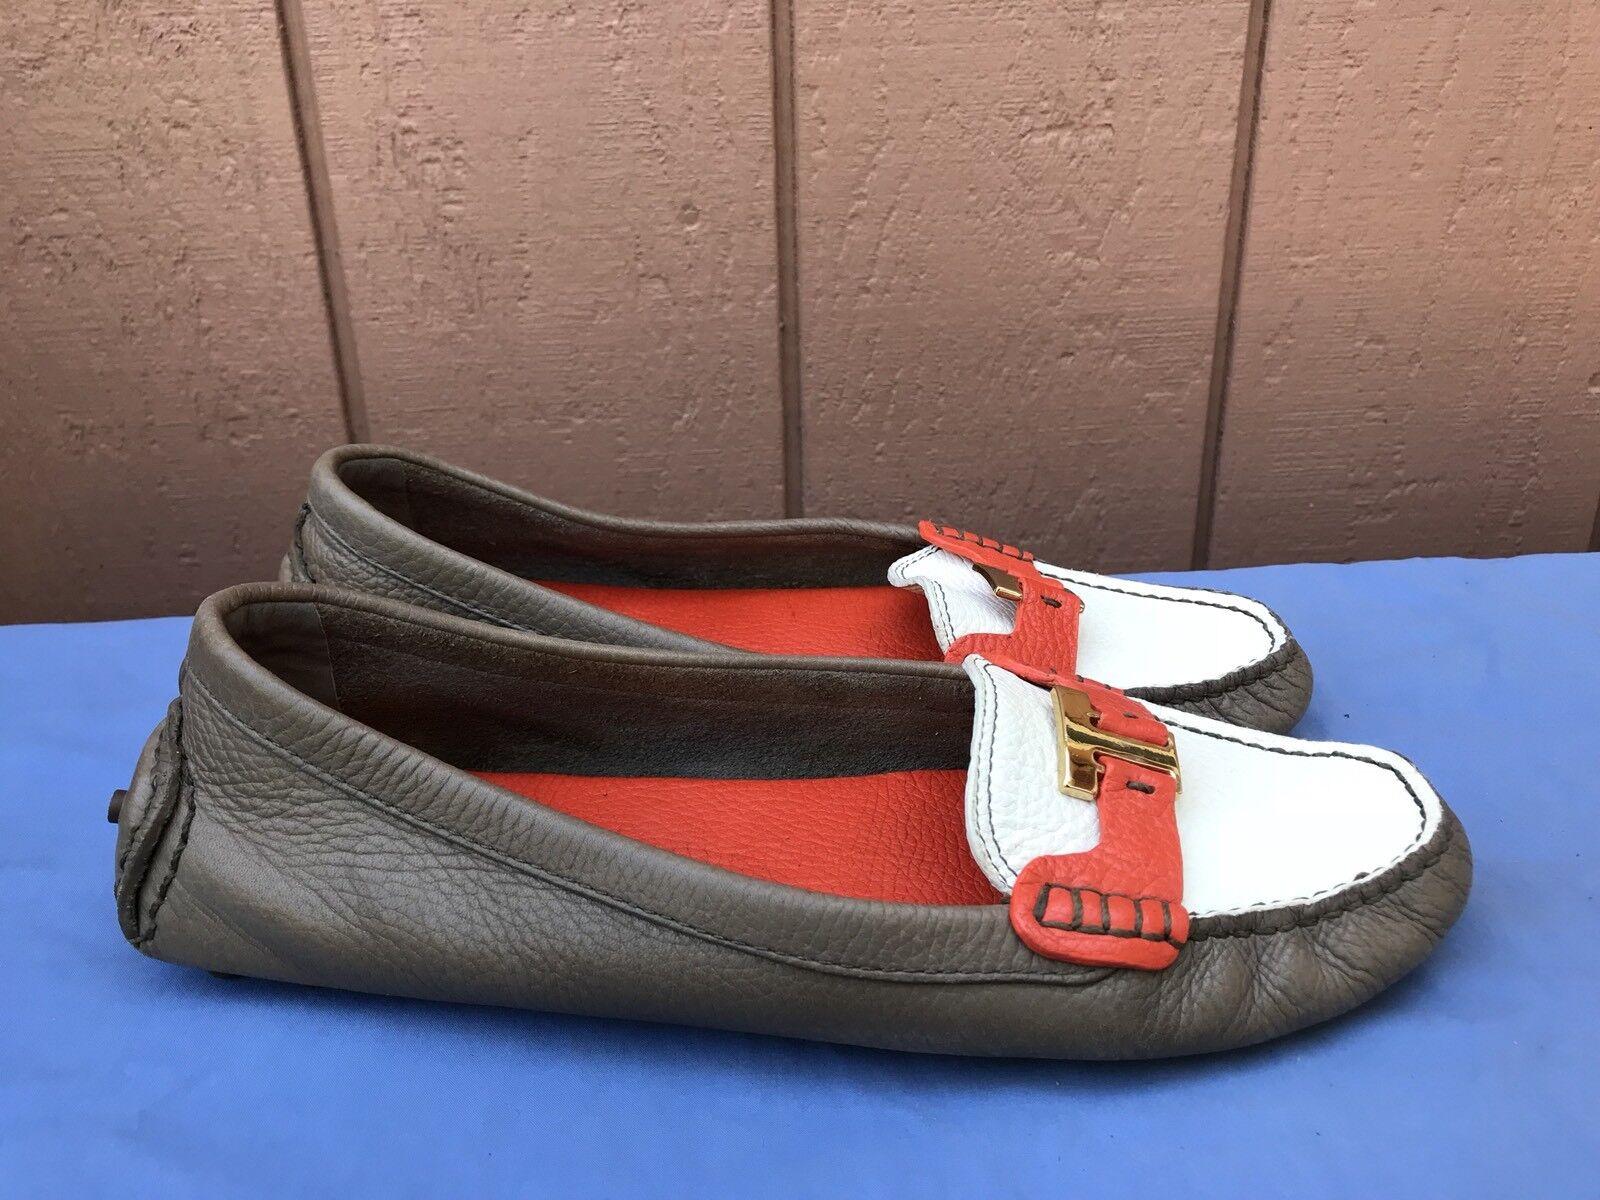 all'ingrosso a buon mercato EUC TORY BURCH BURCH BURCH  325 US 11M donna LEATHER DRIVING MOCS MOCCASINS scarpe A4  con il 60% di sconto